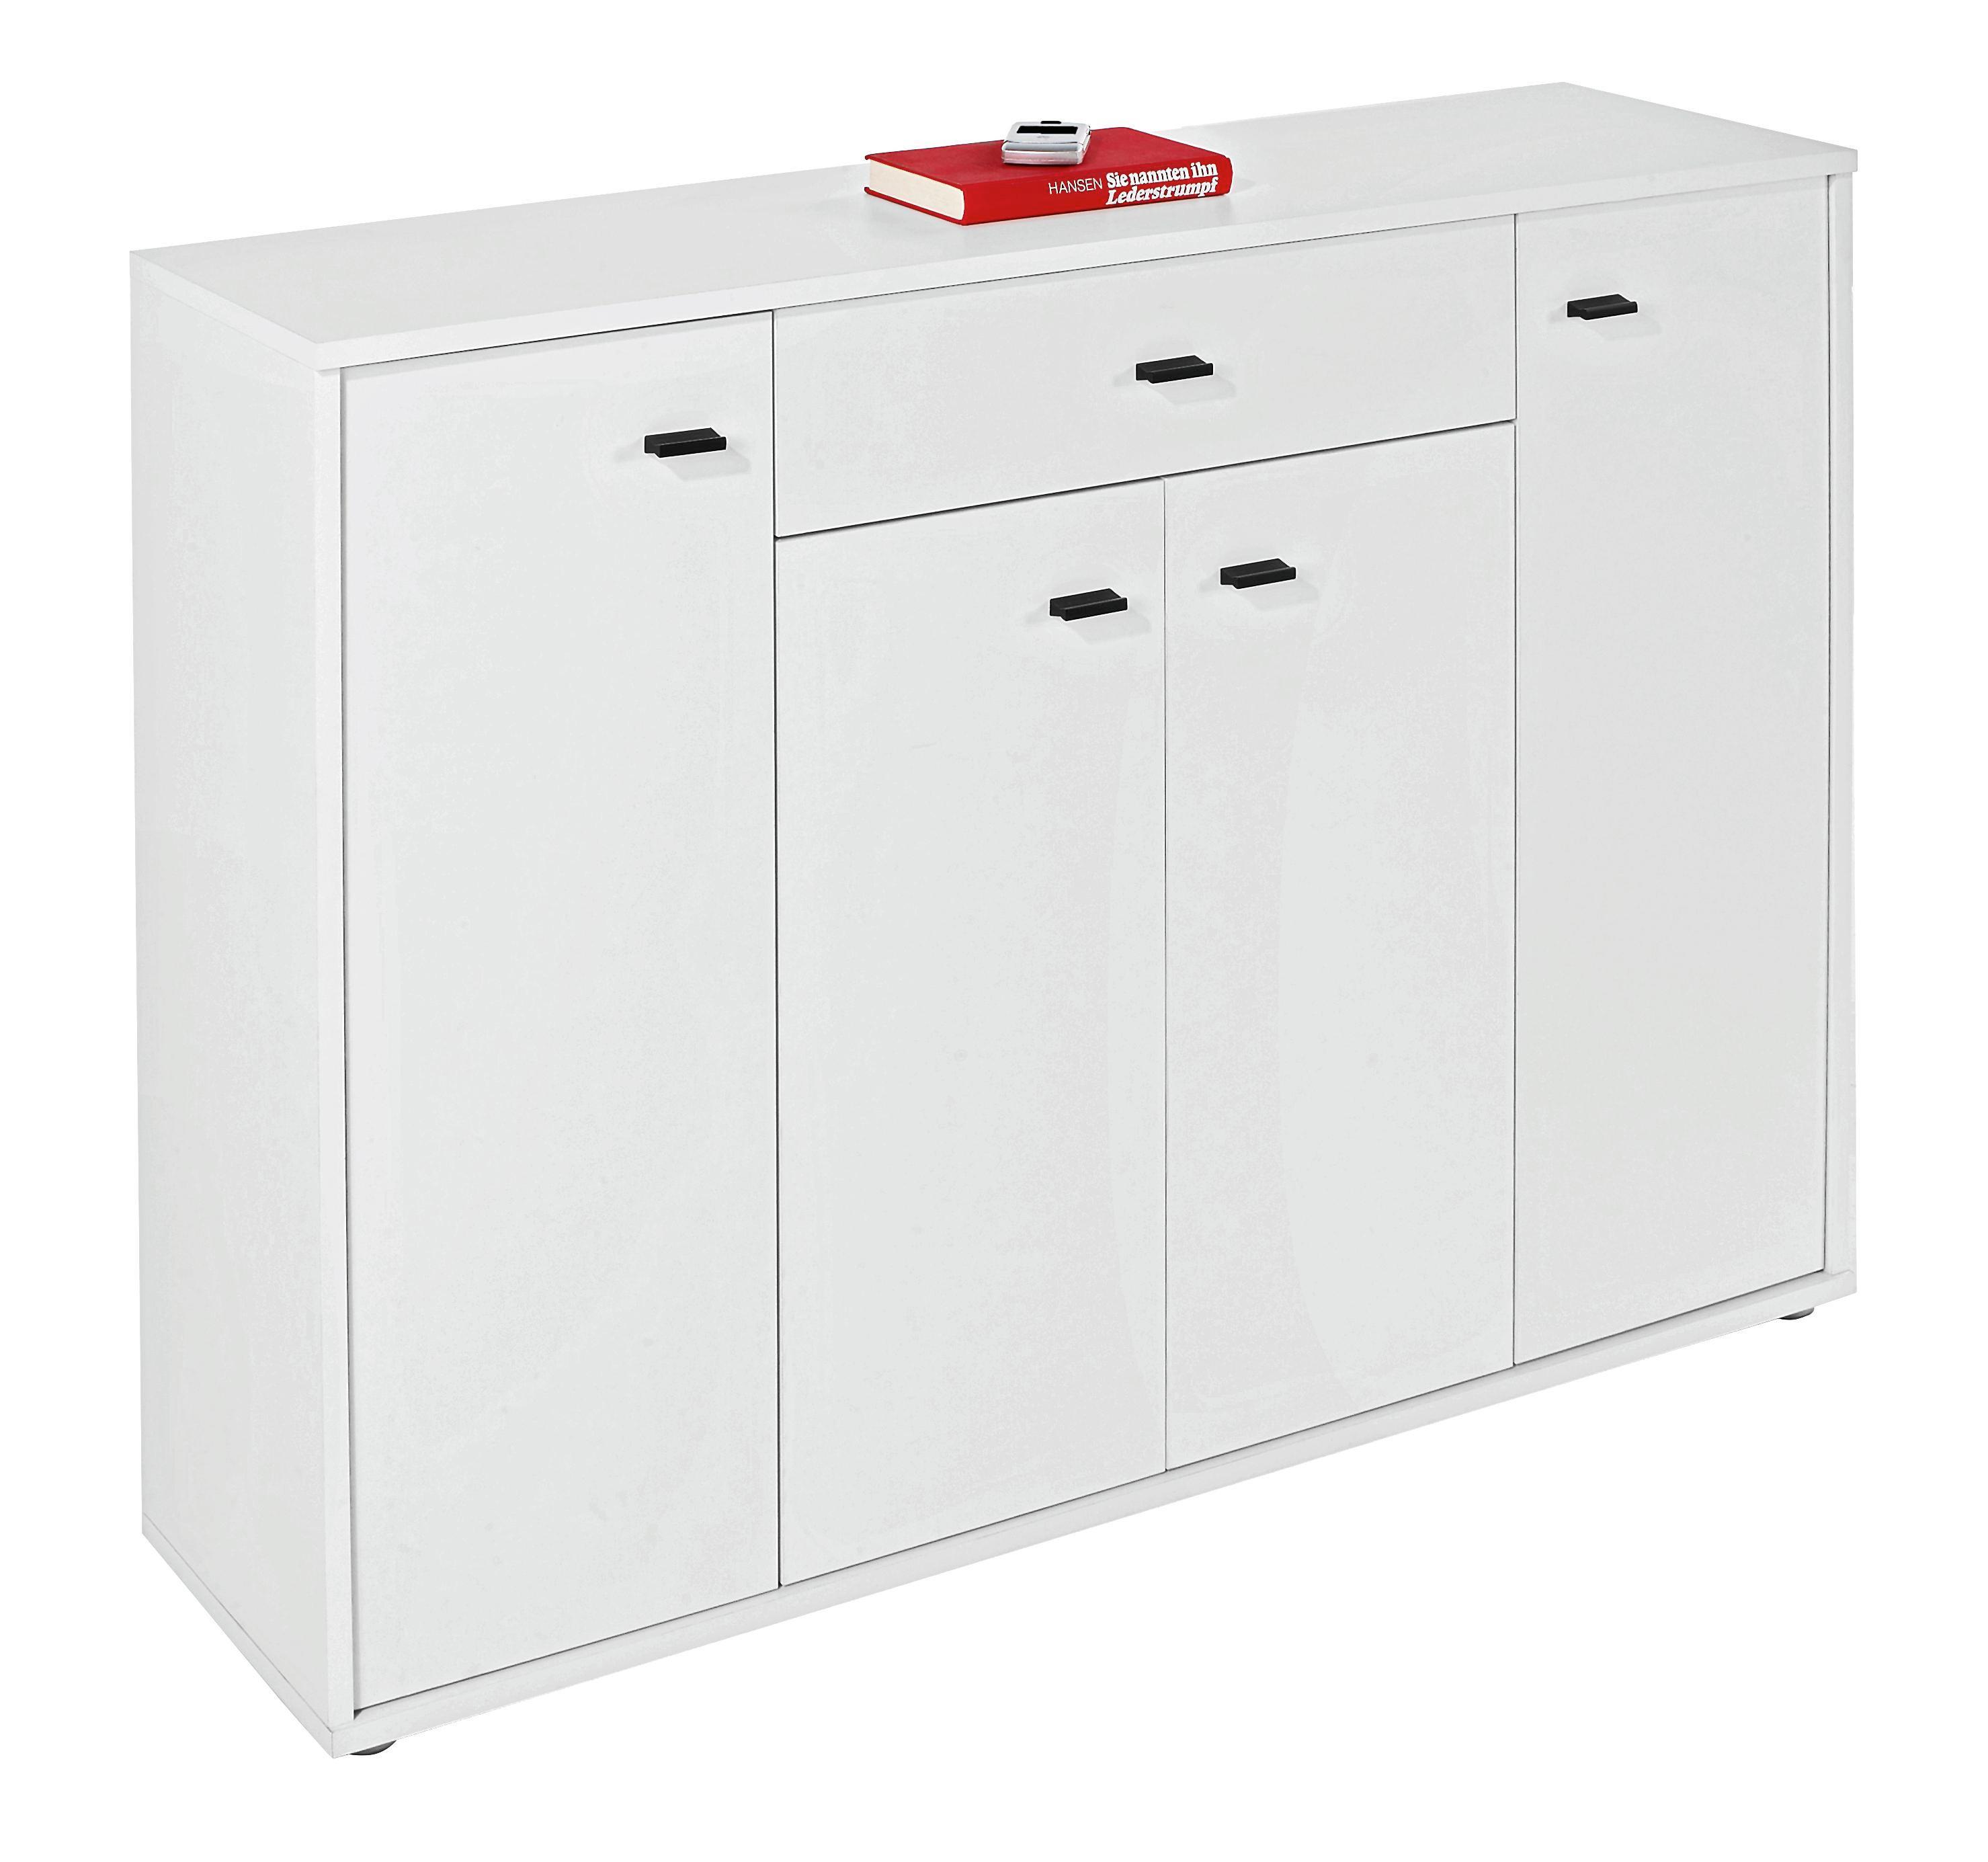 Komoda Boni - bílá, Moderní, dřevěný materiál (116/84/30cm)